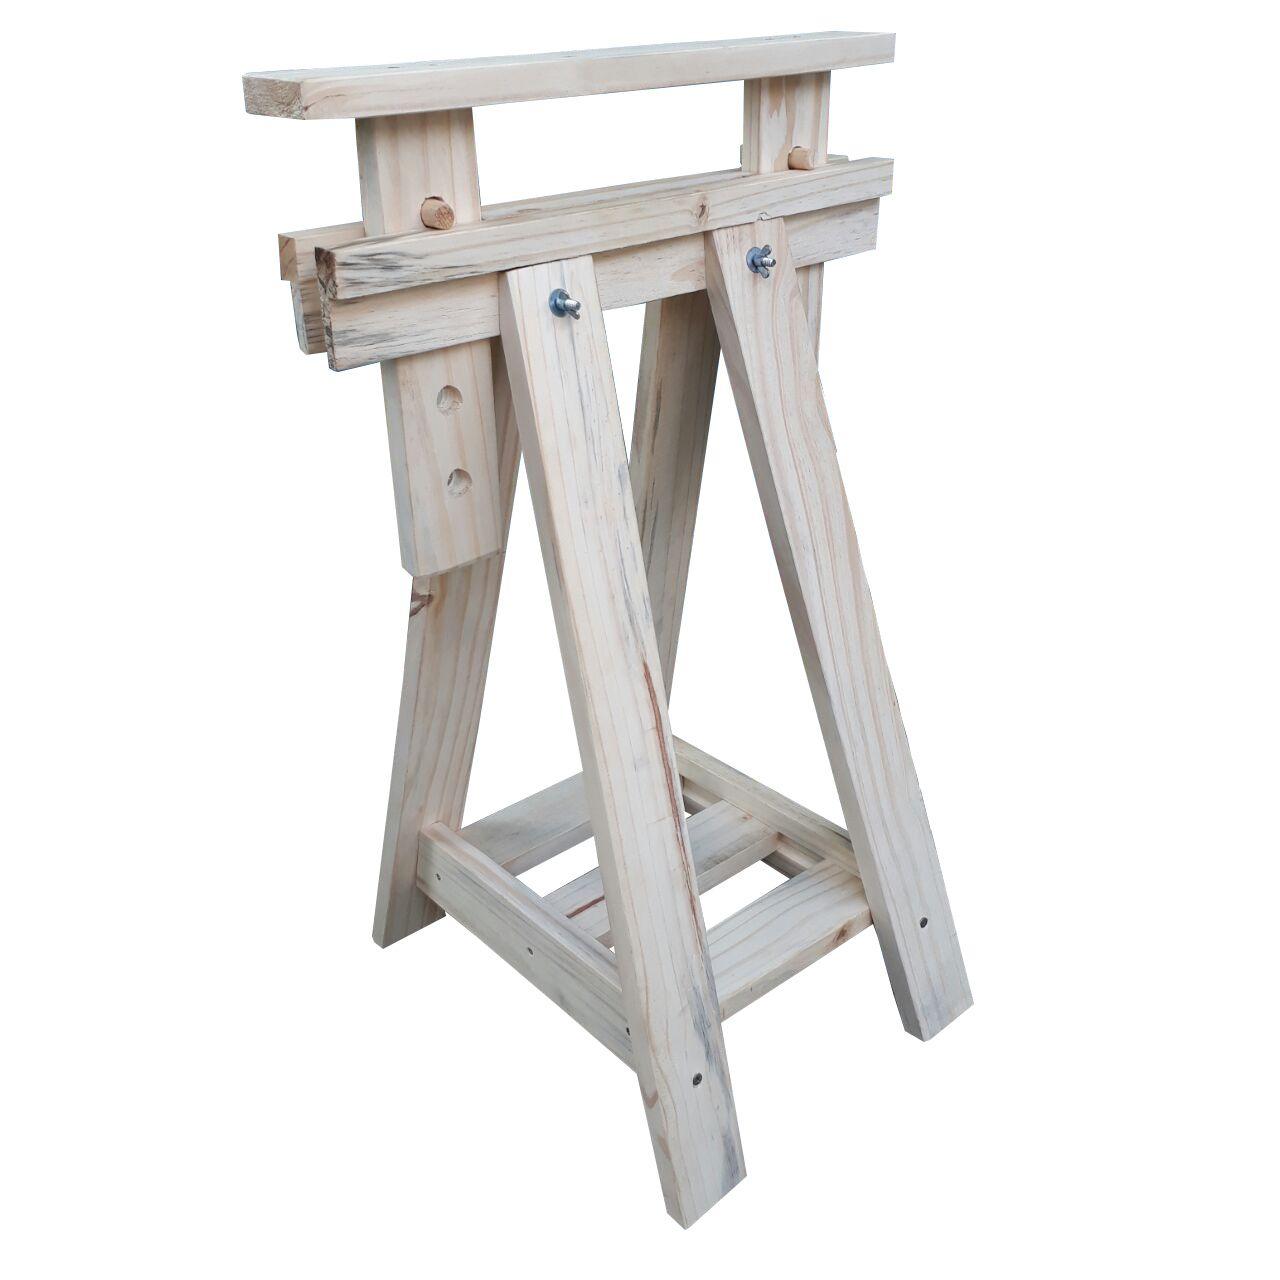 Cavalete de Madeira para mesa Regulável M50 com ajuste de altura